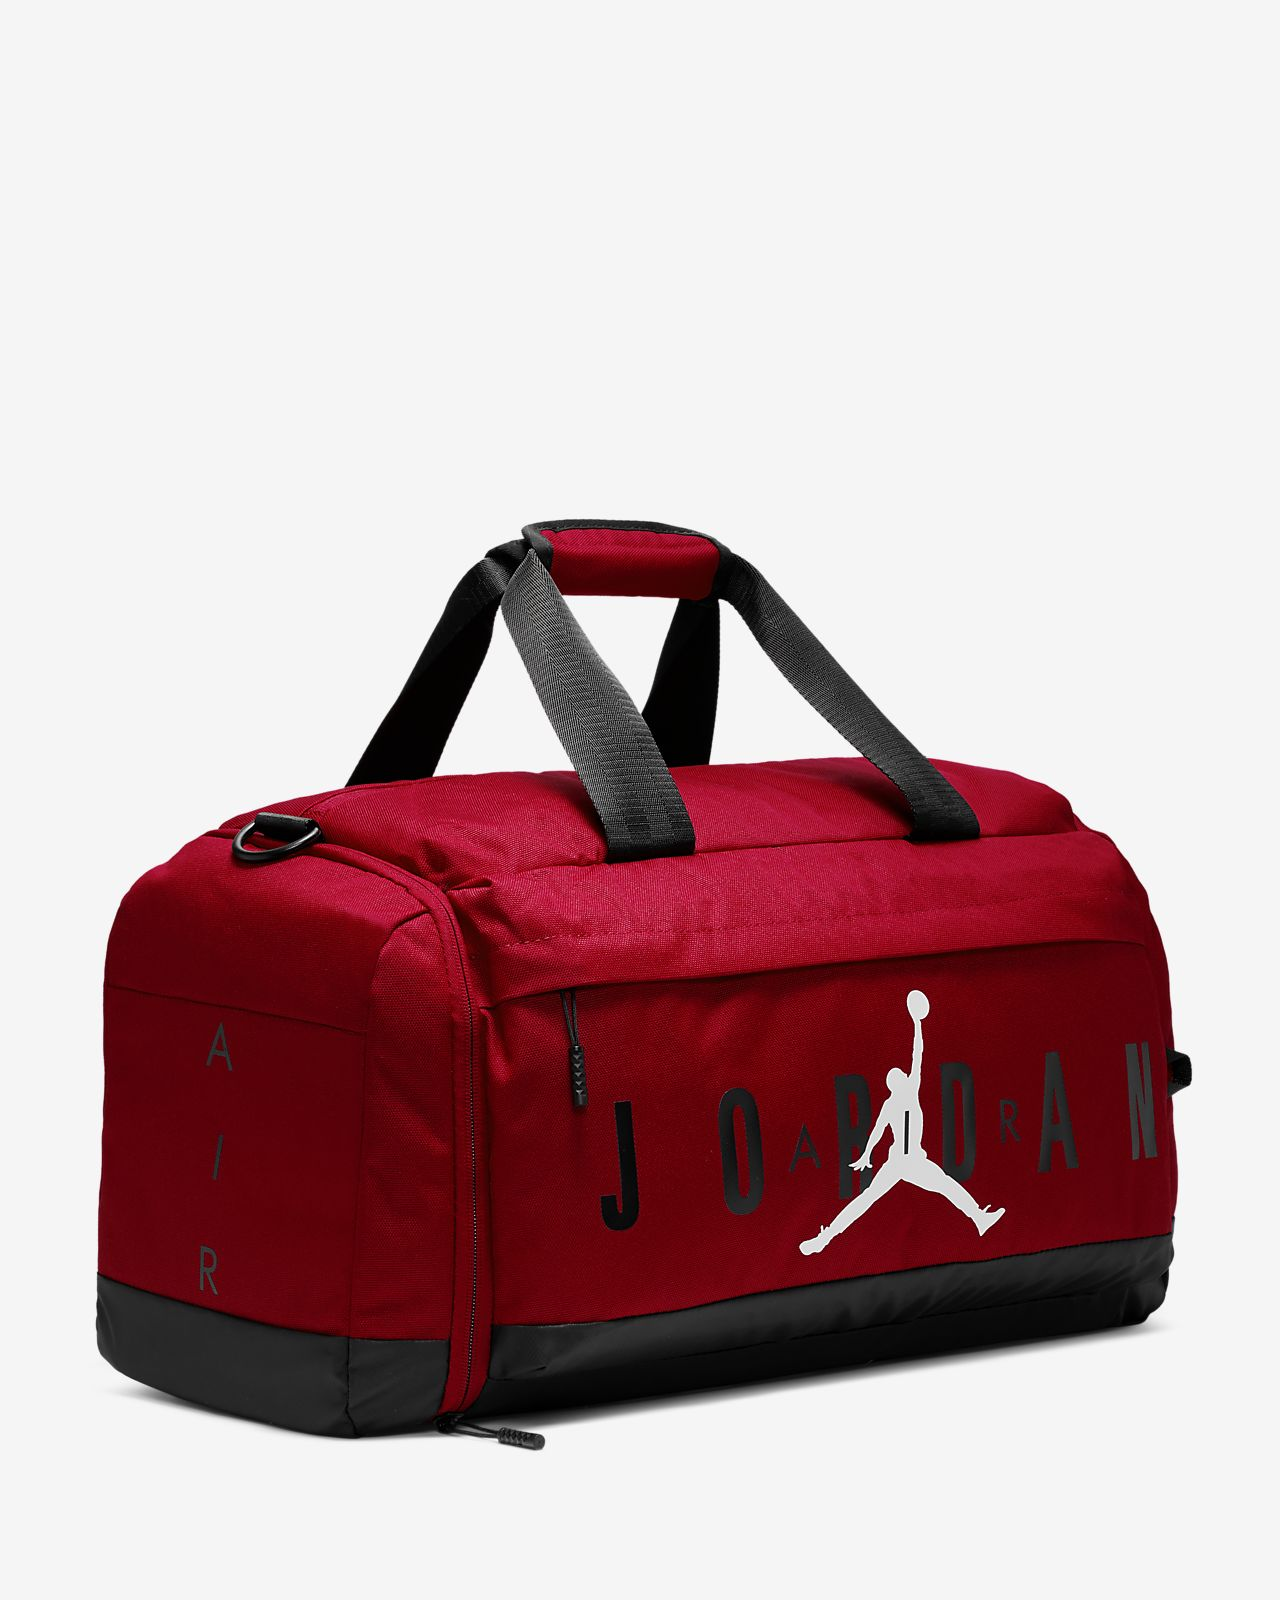 a7fc5e1fc502 Jordan Jumpman Air Duffel Bag. Nike.com GB